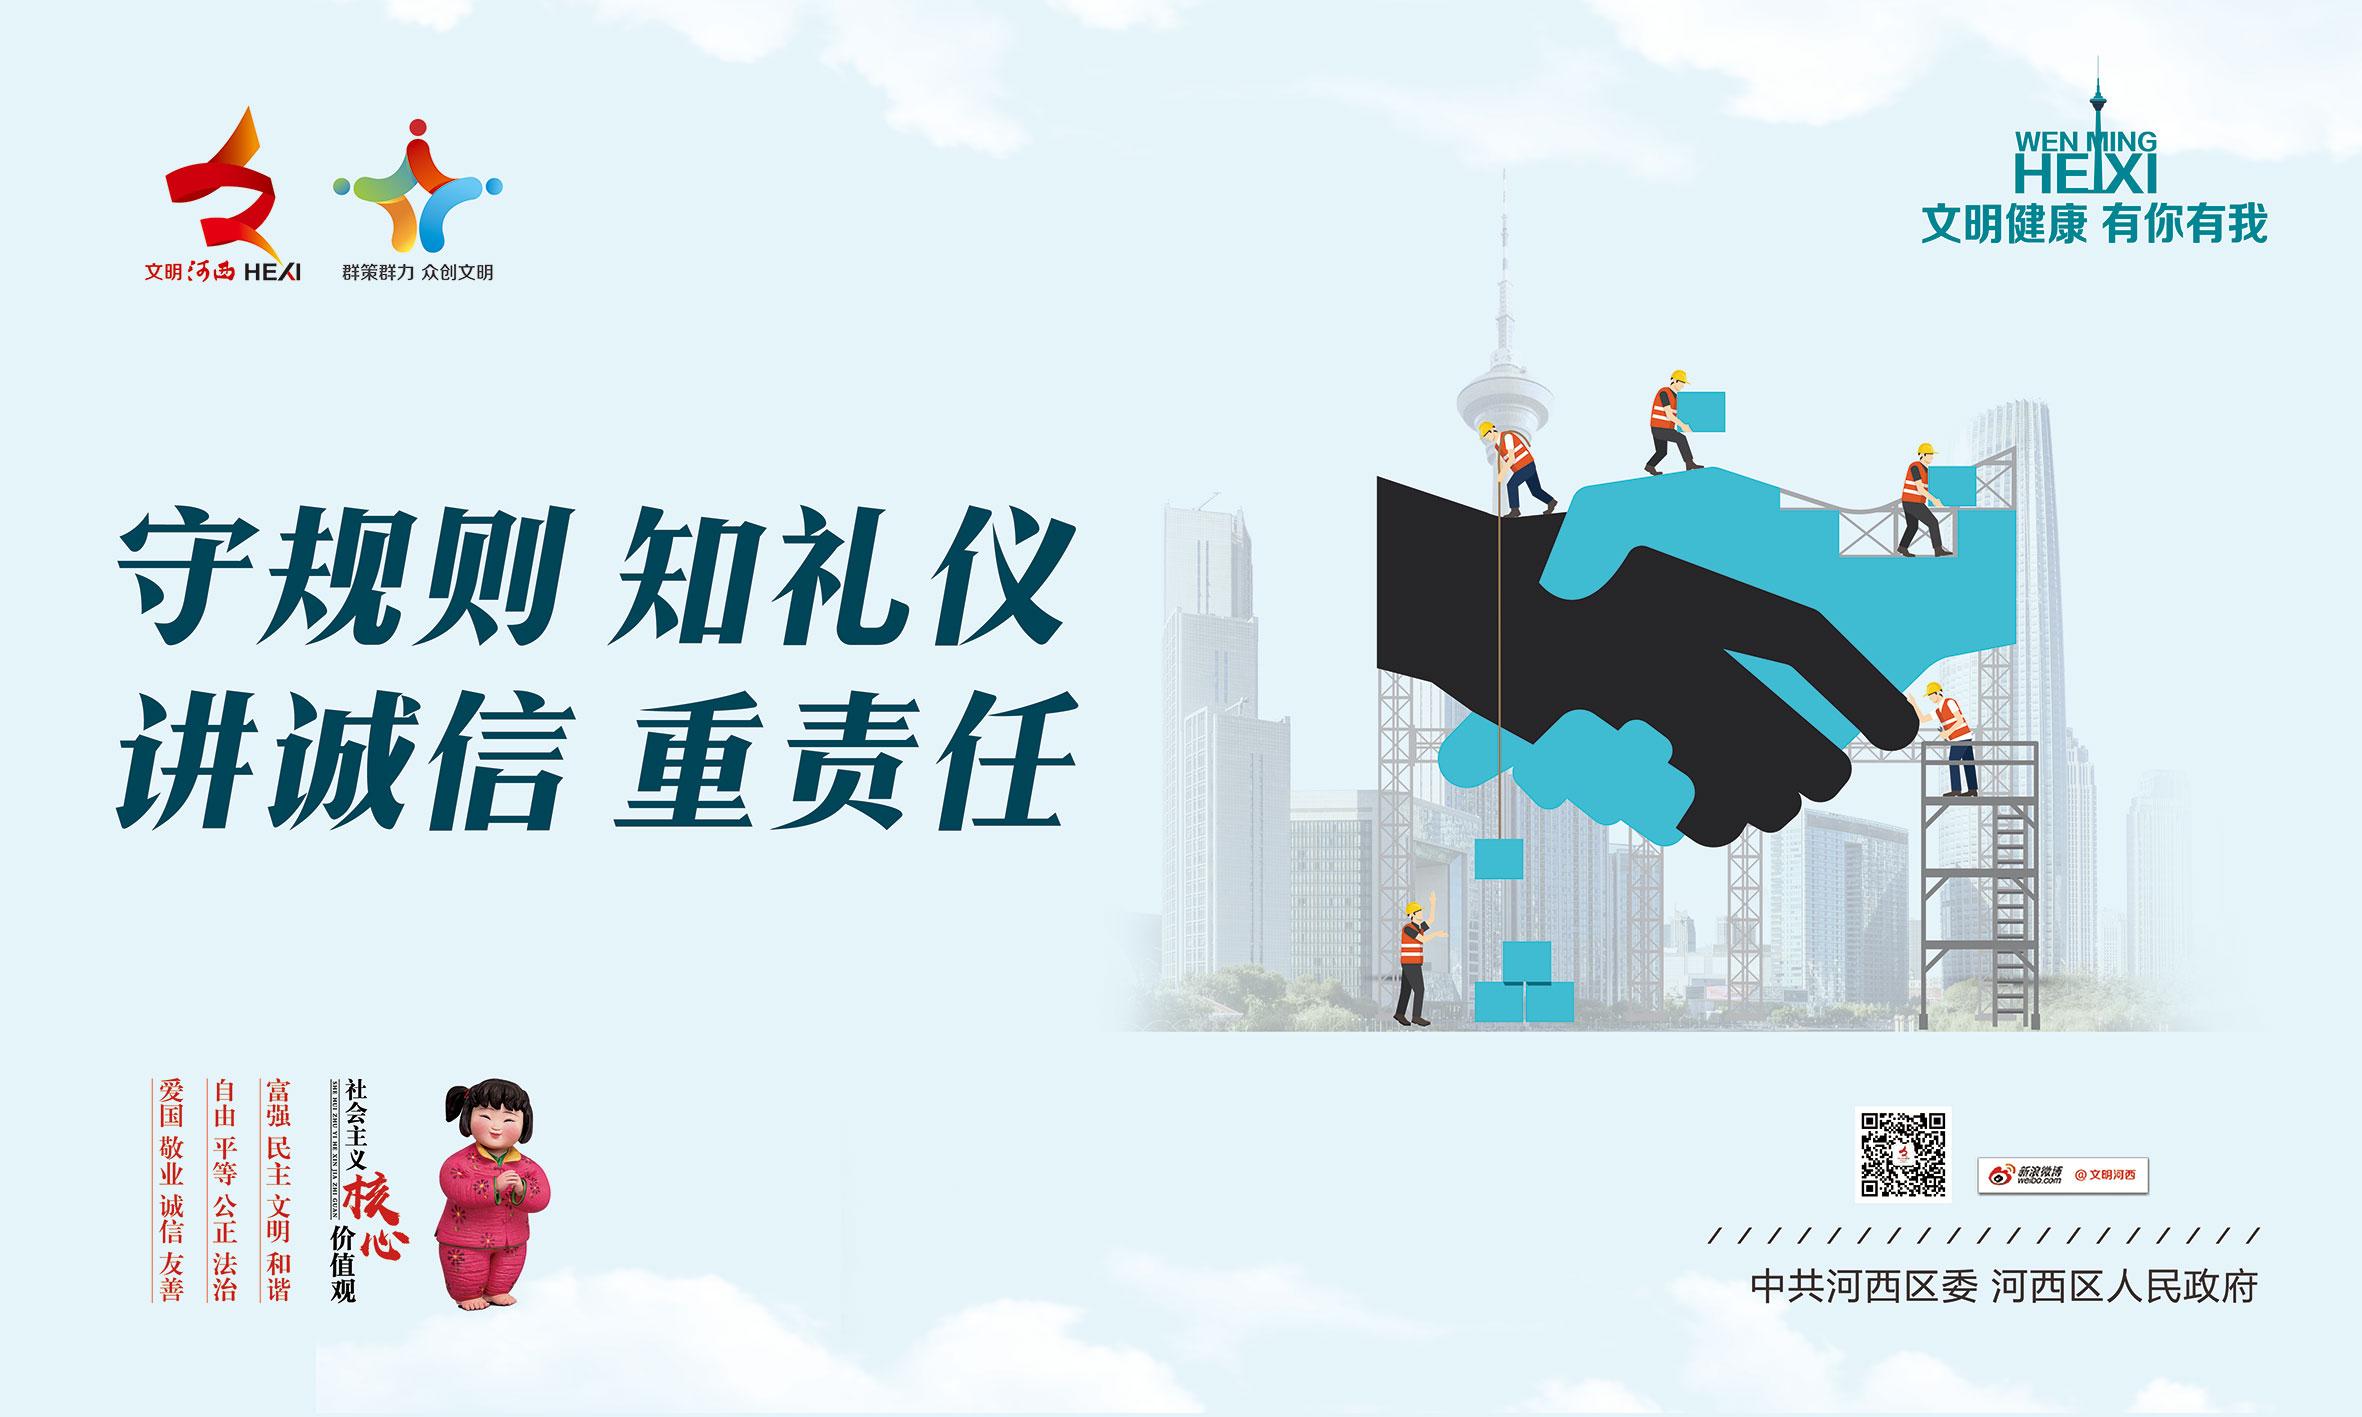 公益广告 | 推进诚信建设制度化